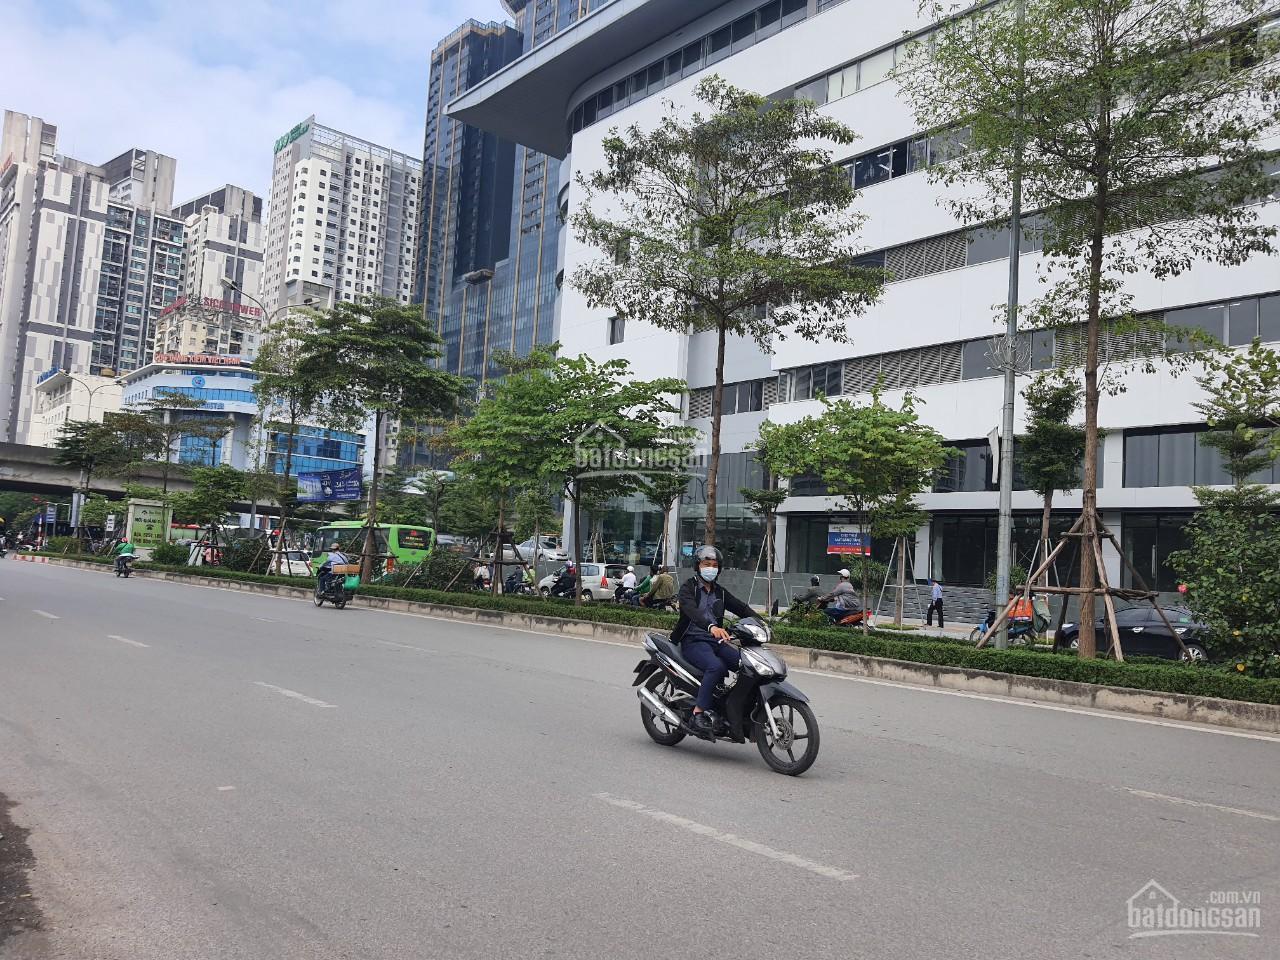 Hot! Cho thuê mặt bằng làm chi nhánh ngân hàng, phòng giao dịch gần bến xe Mỹ Đình, Nam Từ Liêm, DT